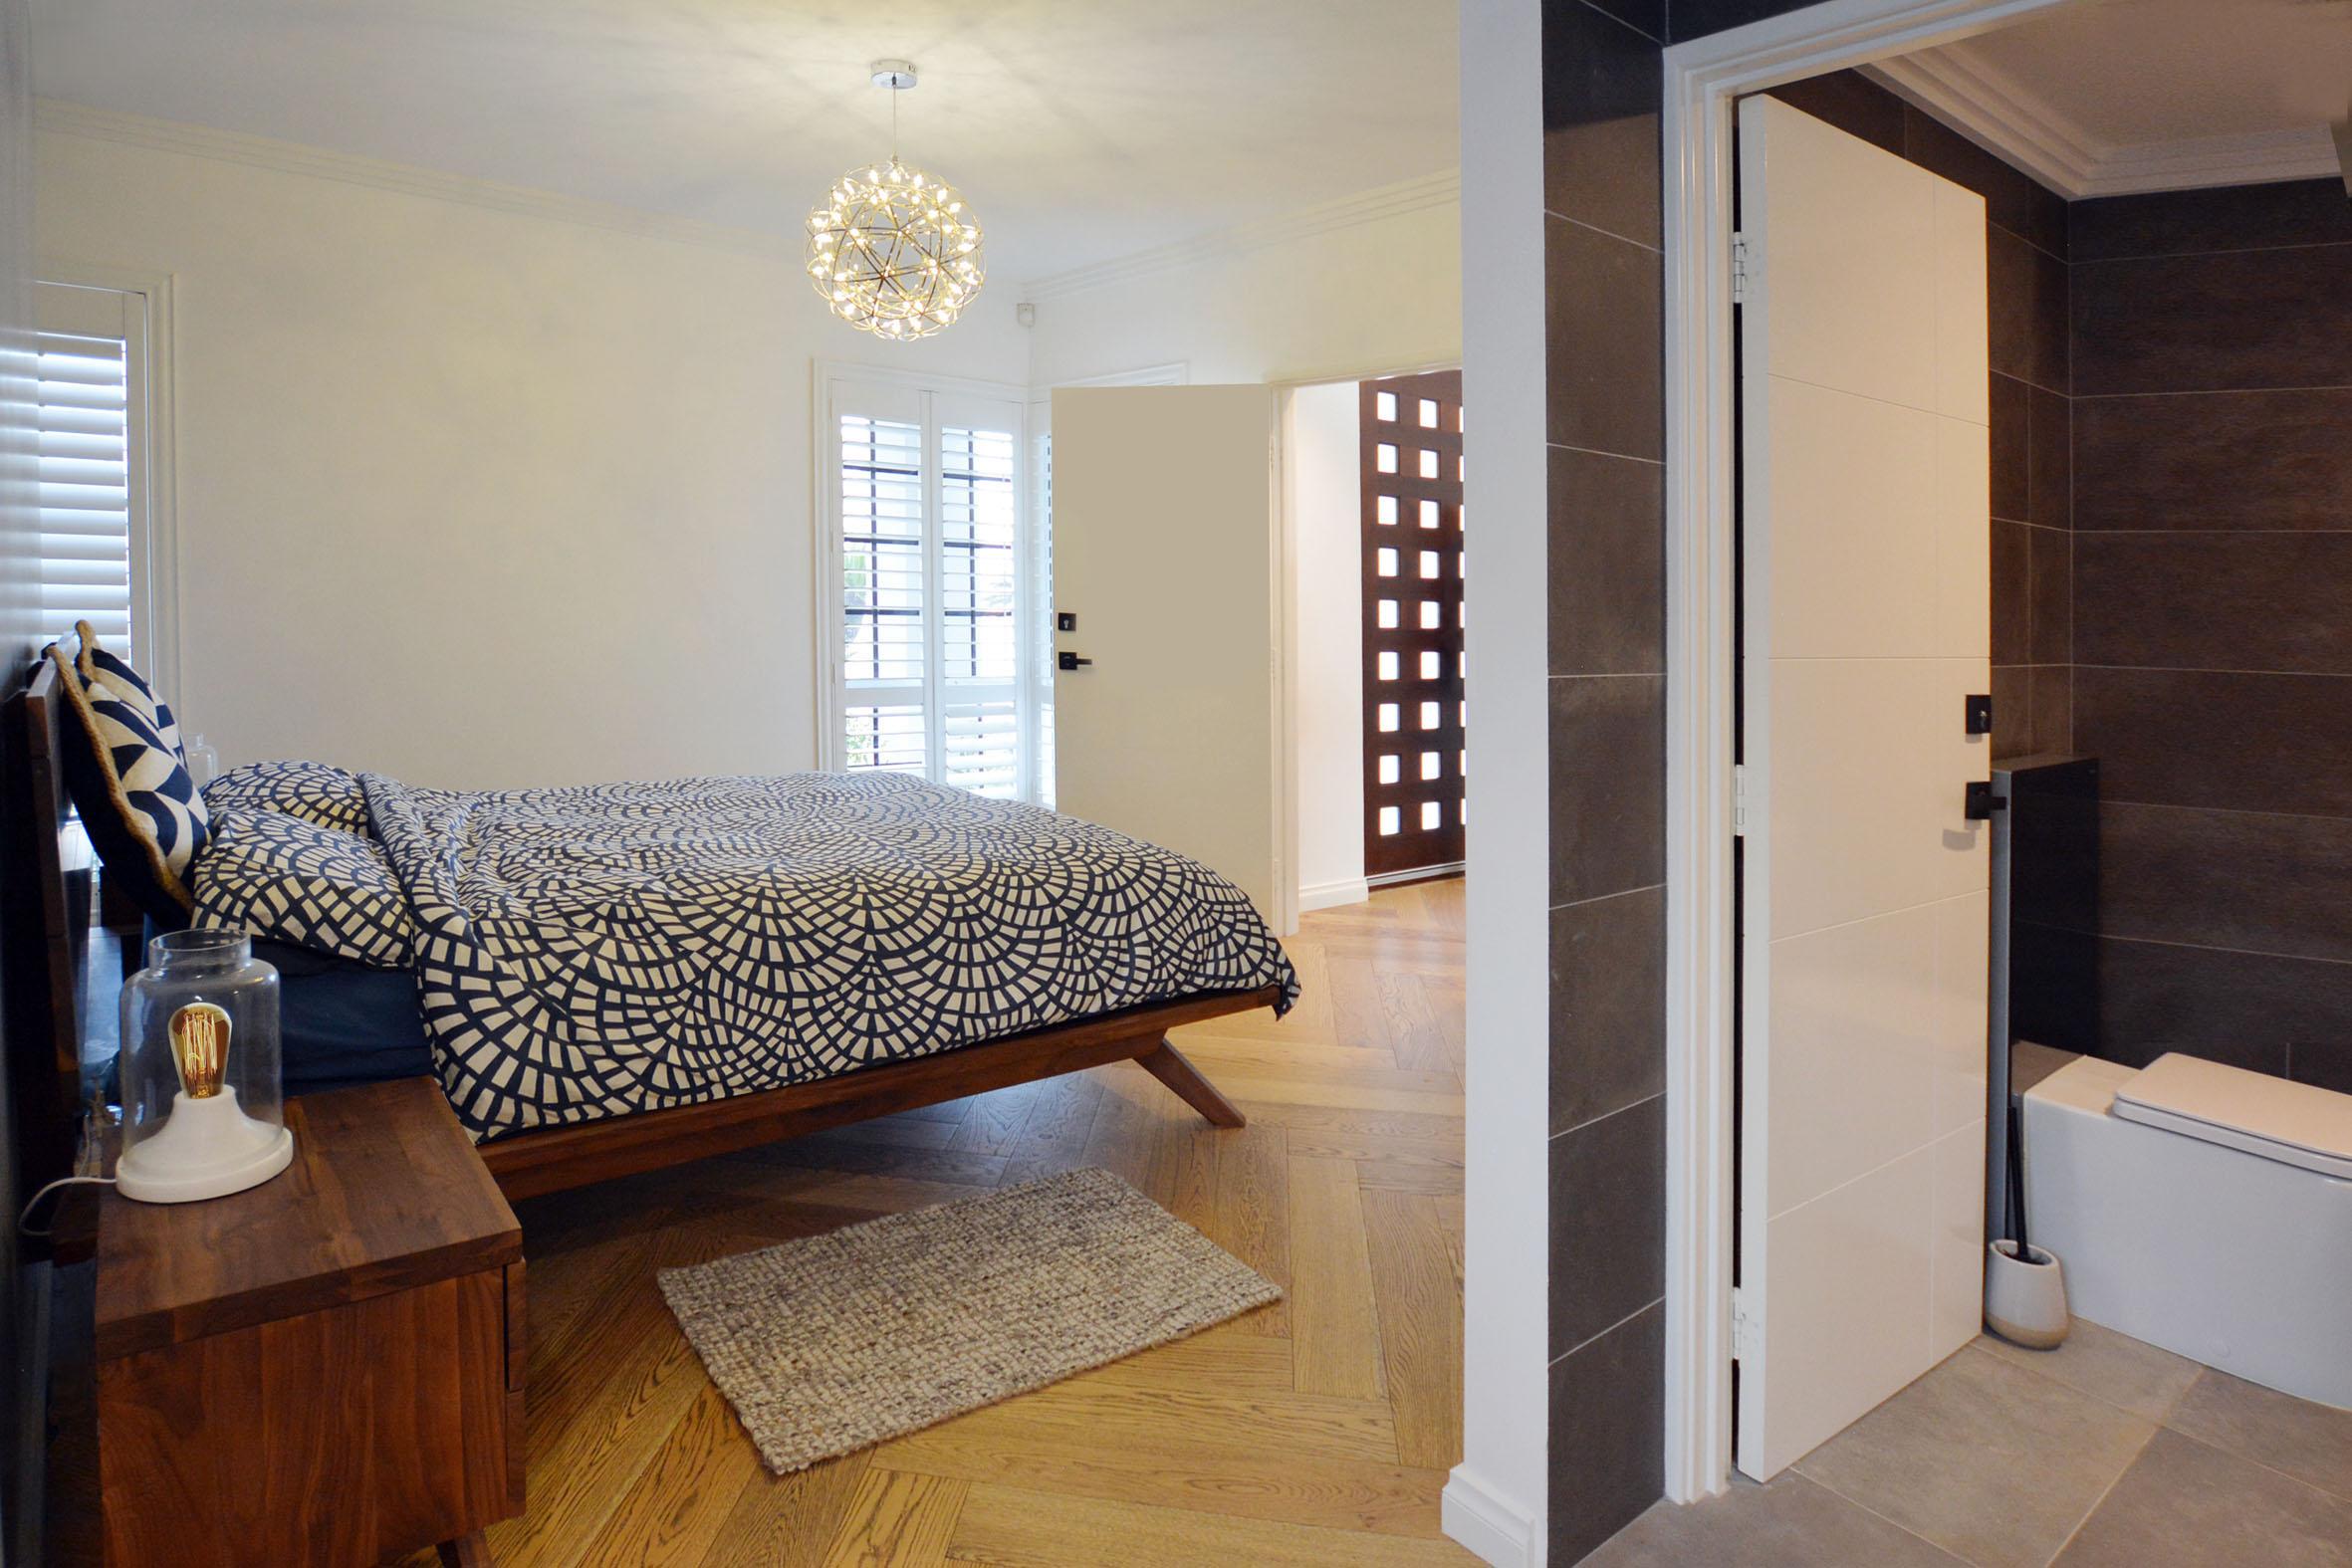 DSC_4750 Guest Bedroom 2sm